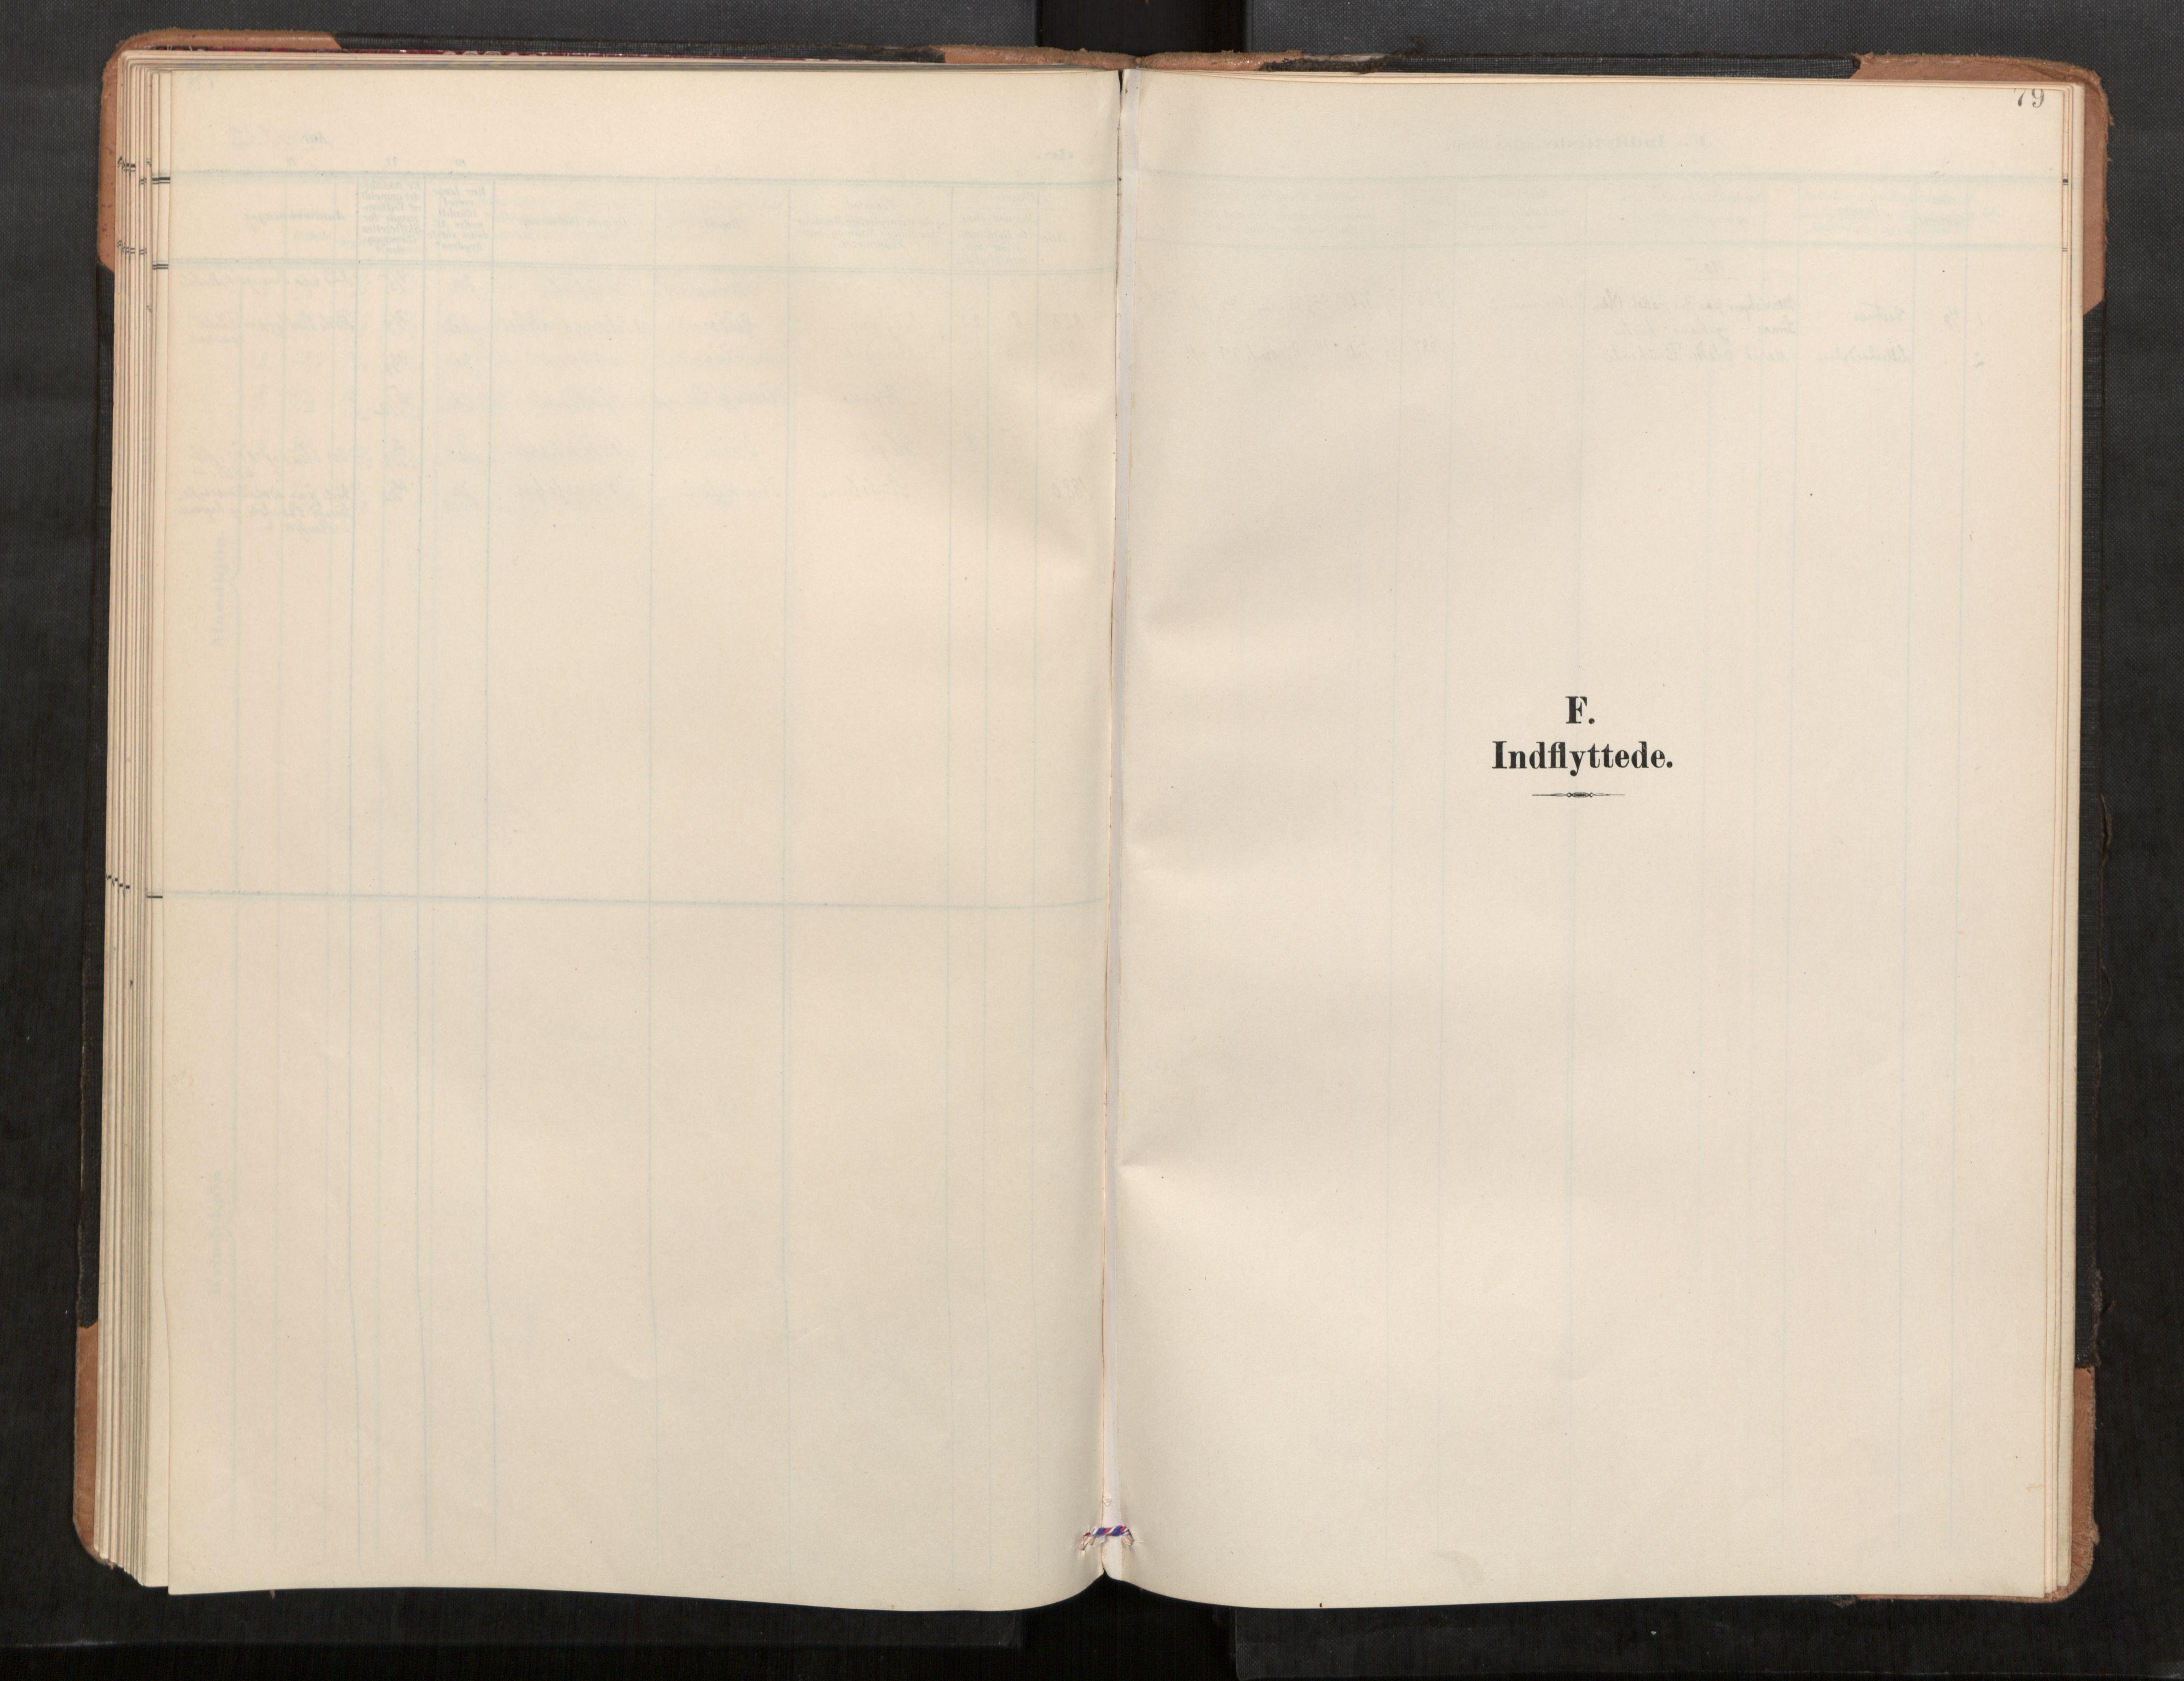 SAT, Stod sokneprestkontor, I/I1/I1a/L0001: Parish register (official) no. 1, 1900-1912, p. 79